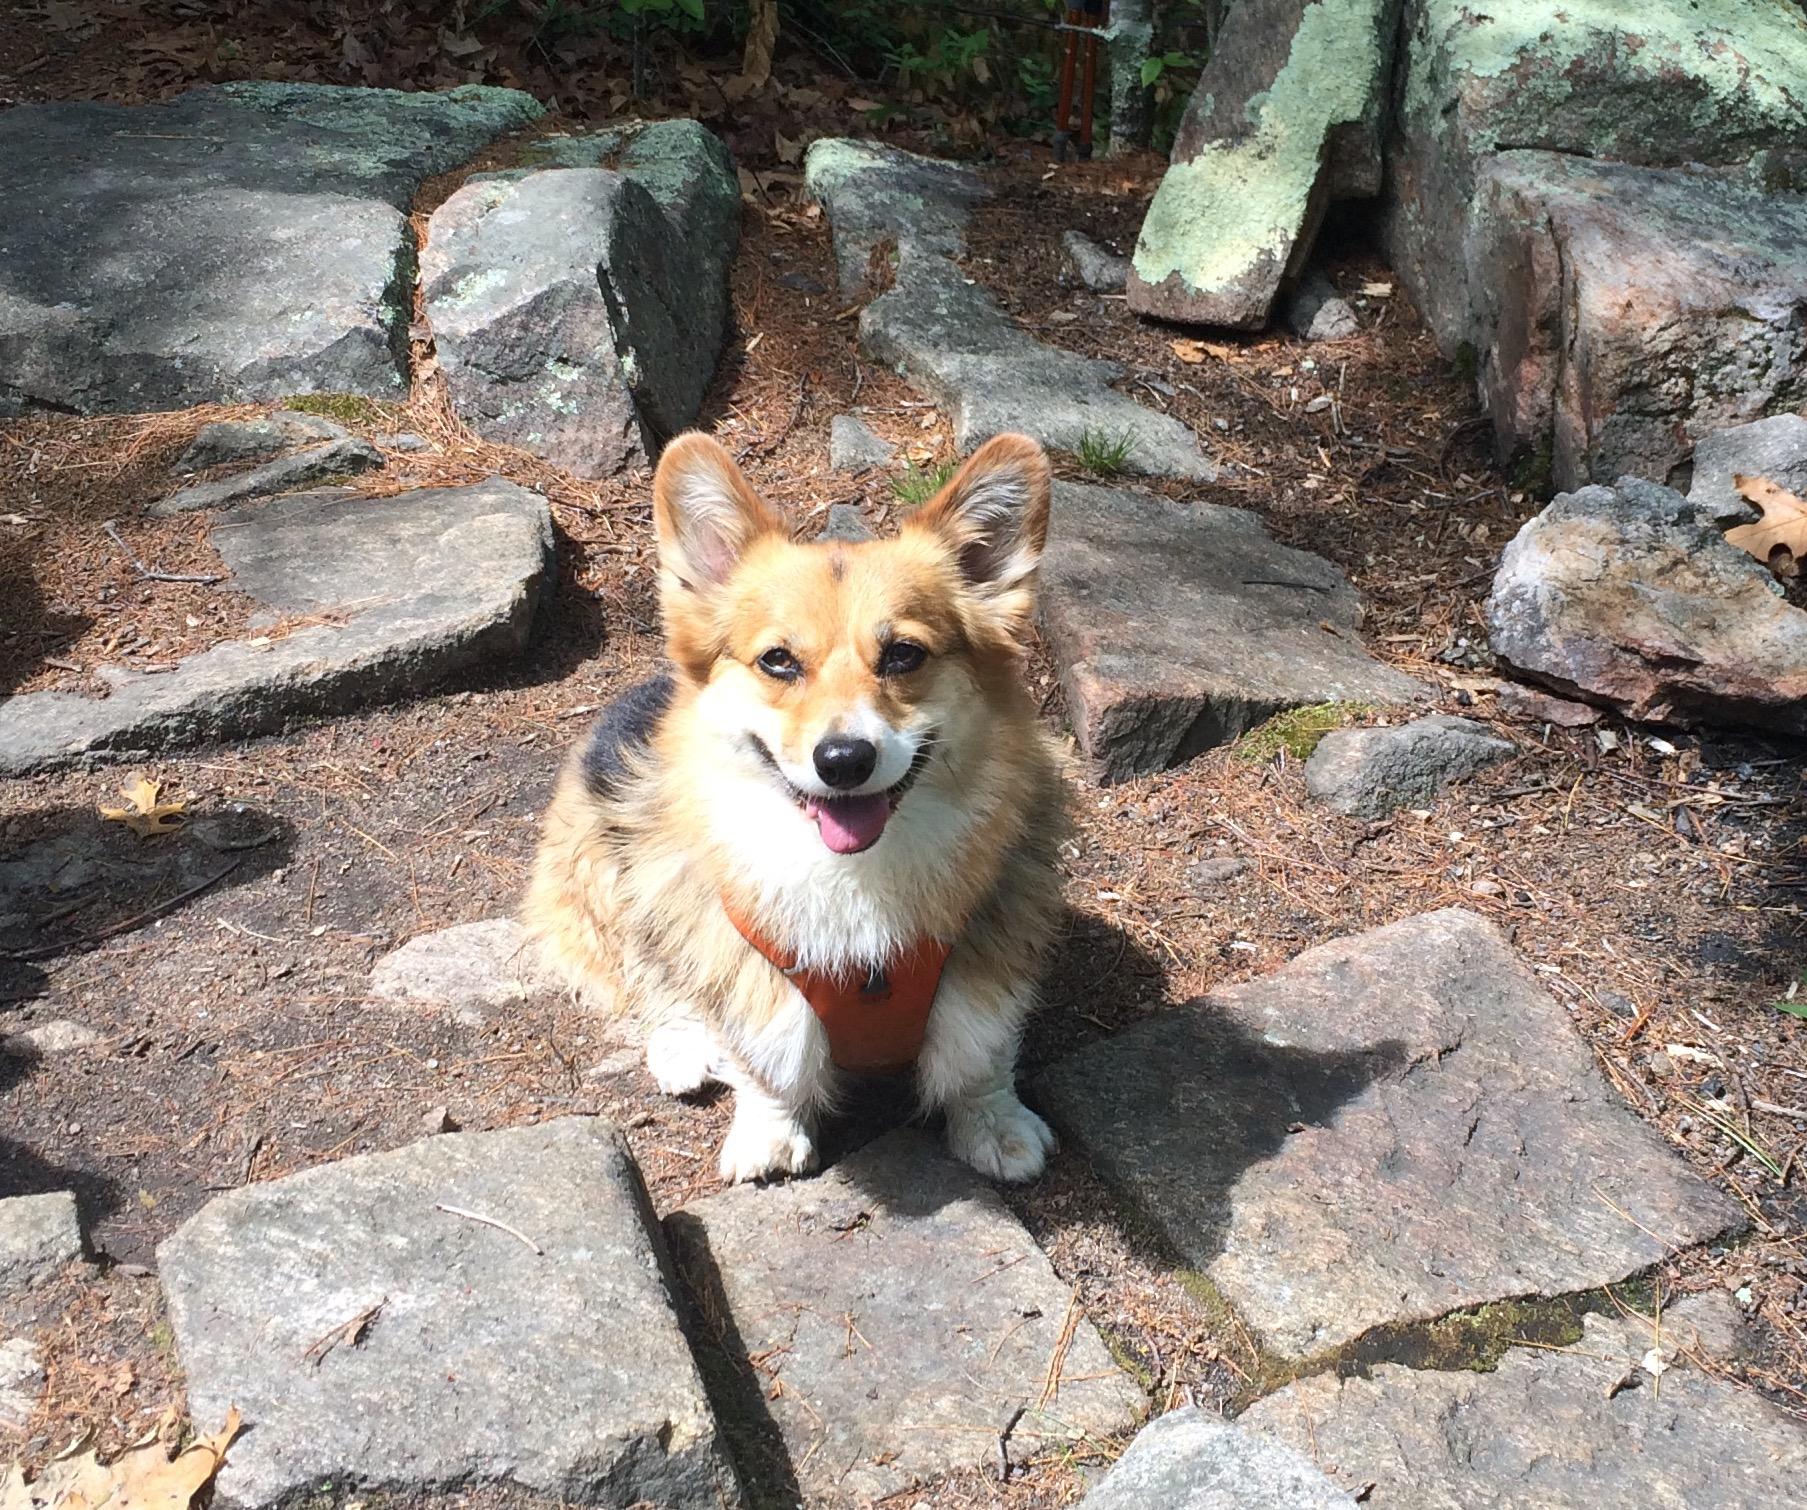 Fidget enjoys a trail hike.